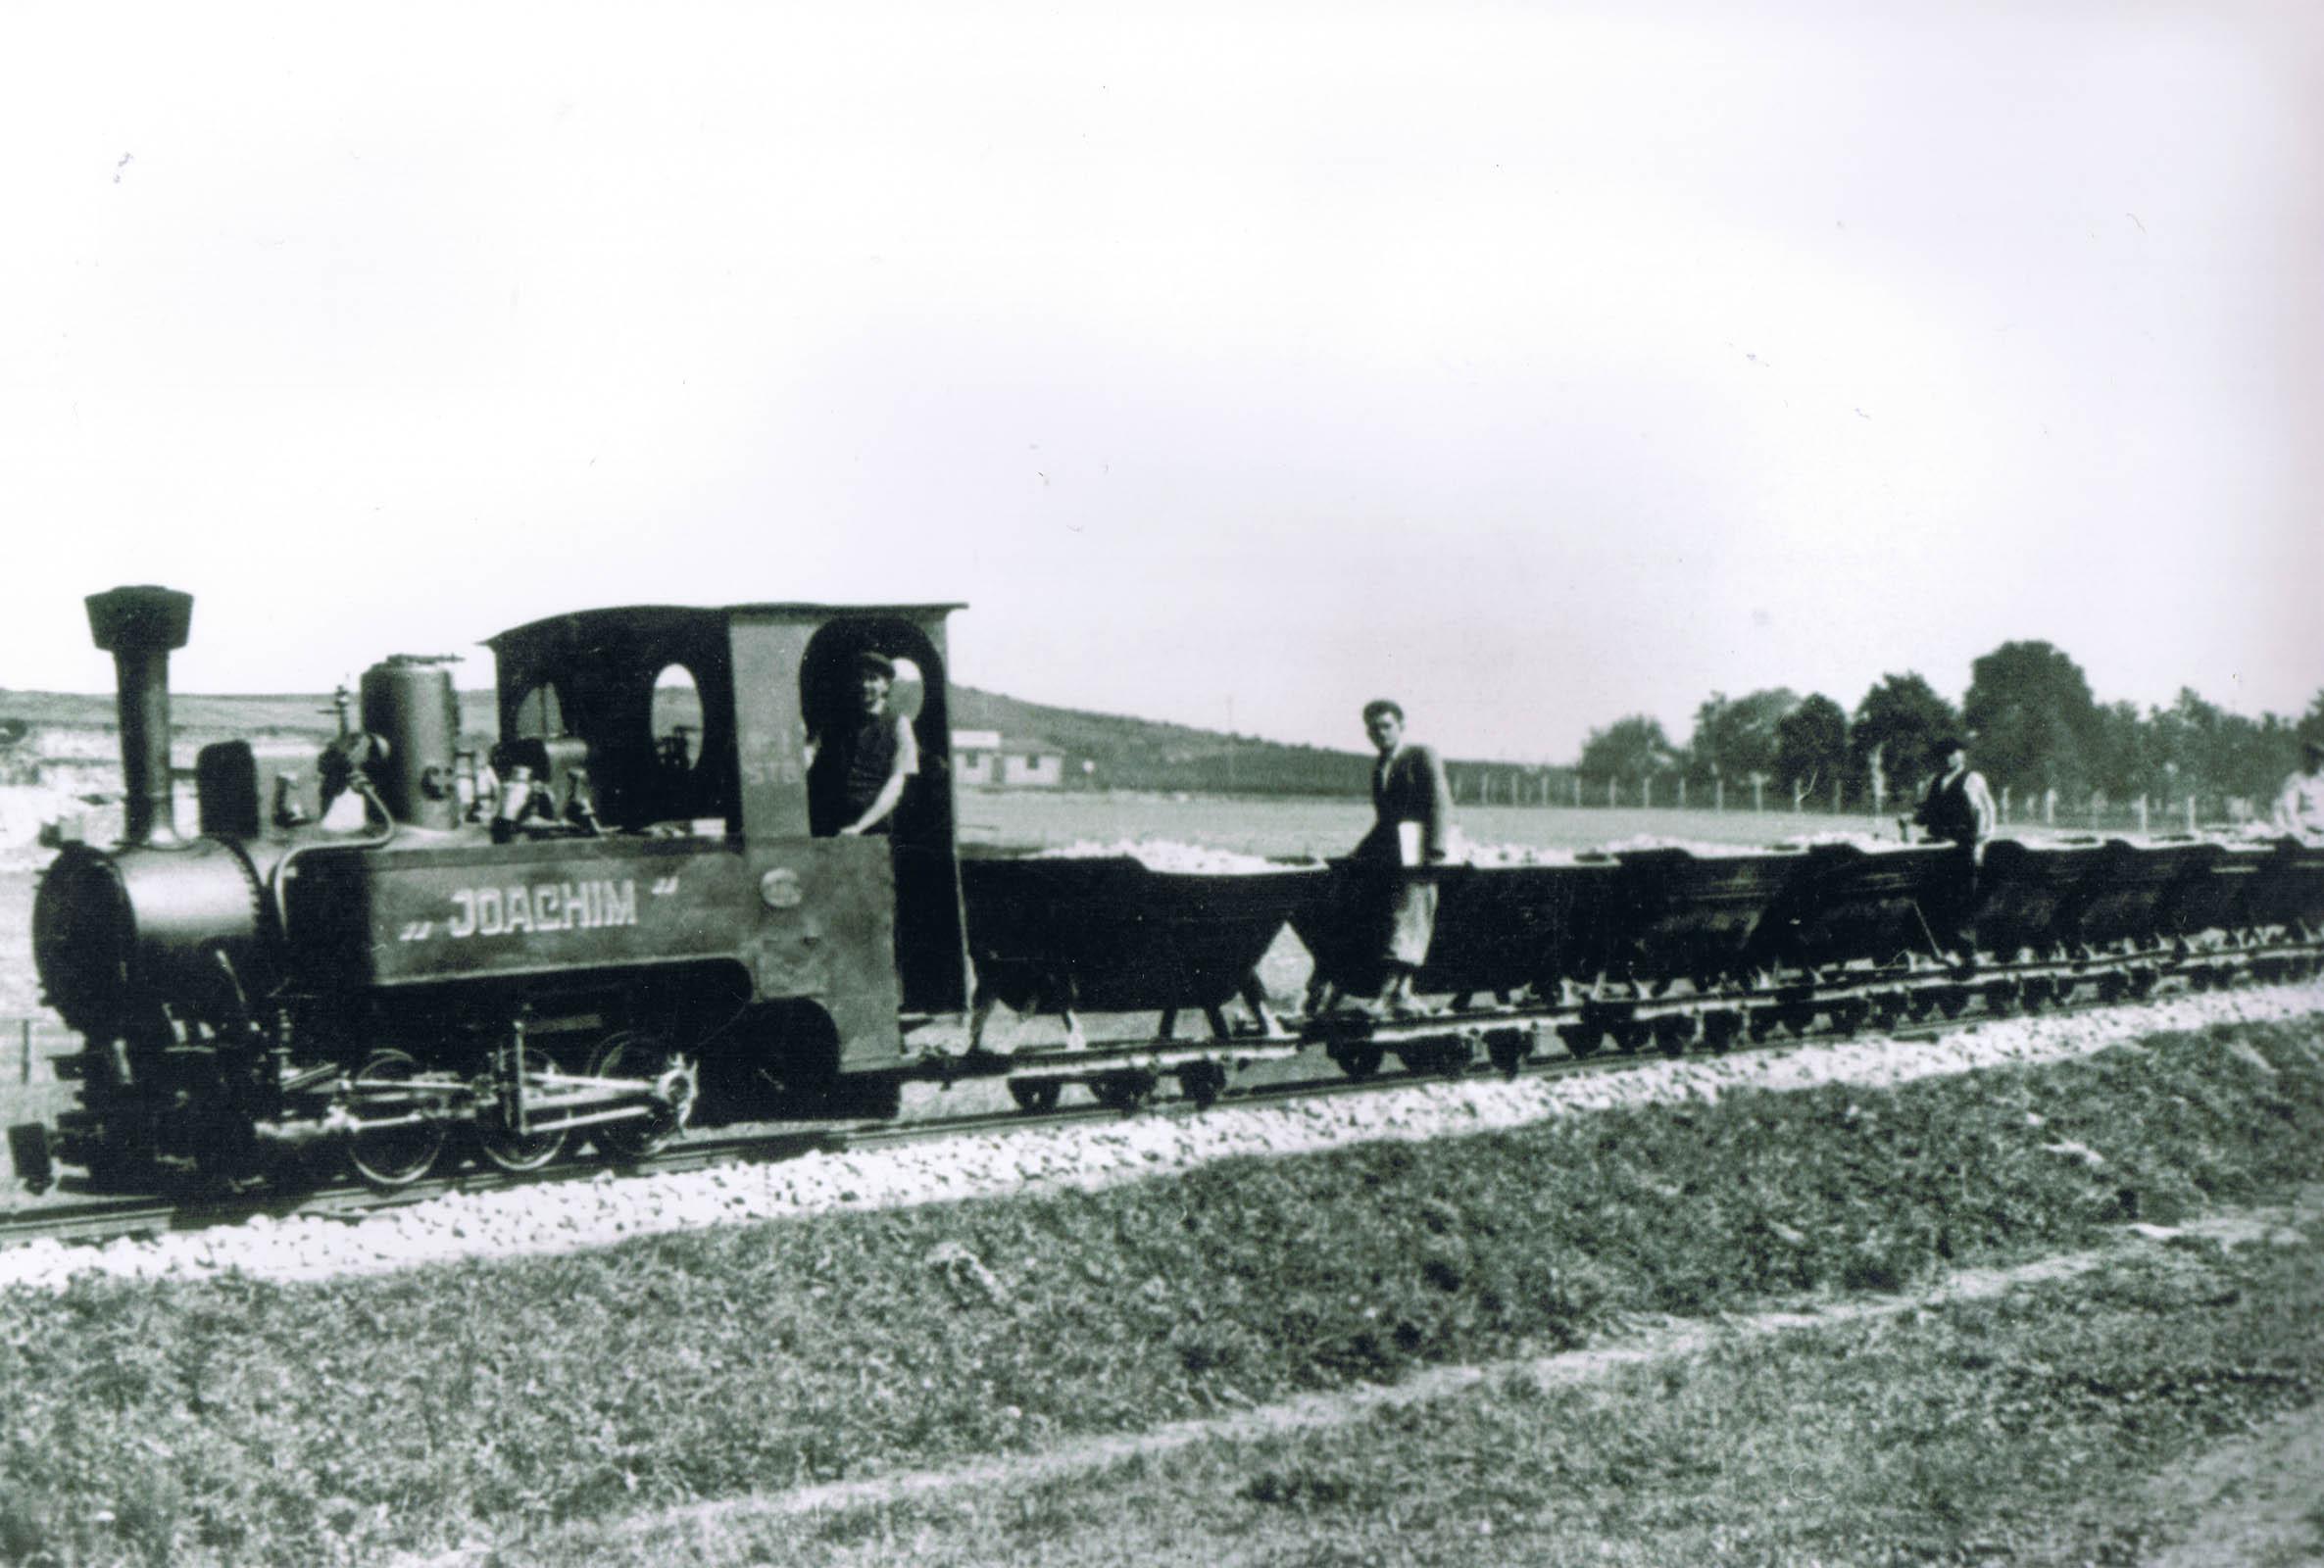 Chelmek narrow gauge railway 1942. Tomasz Batta Memorial House